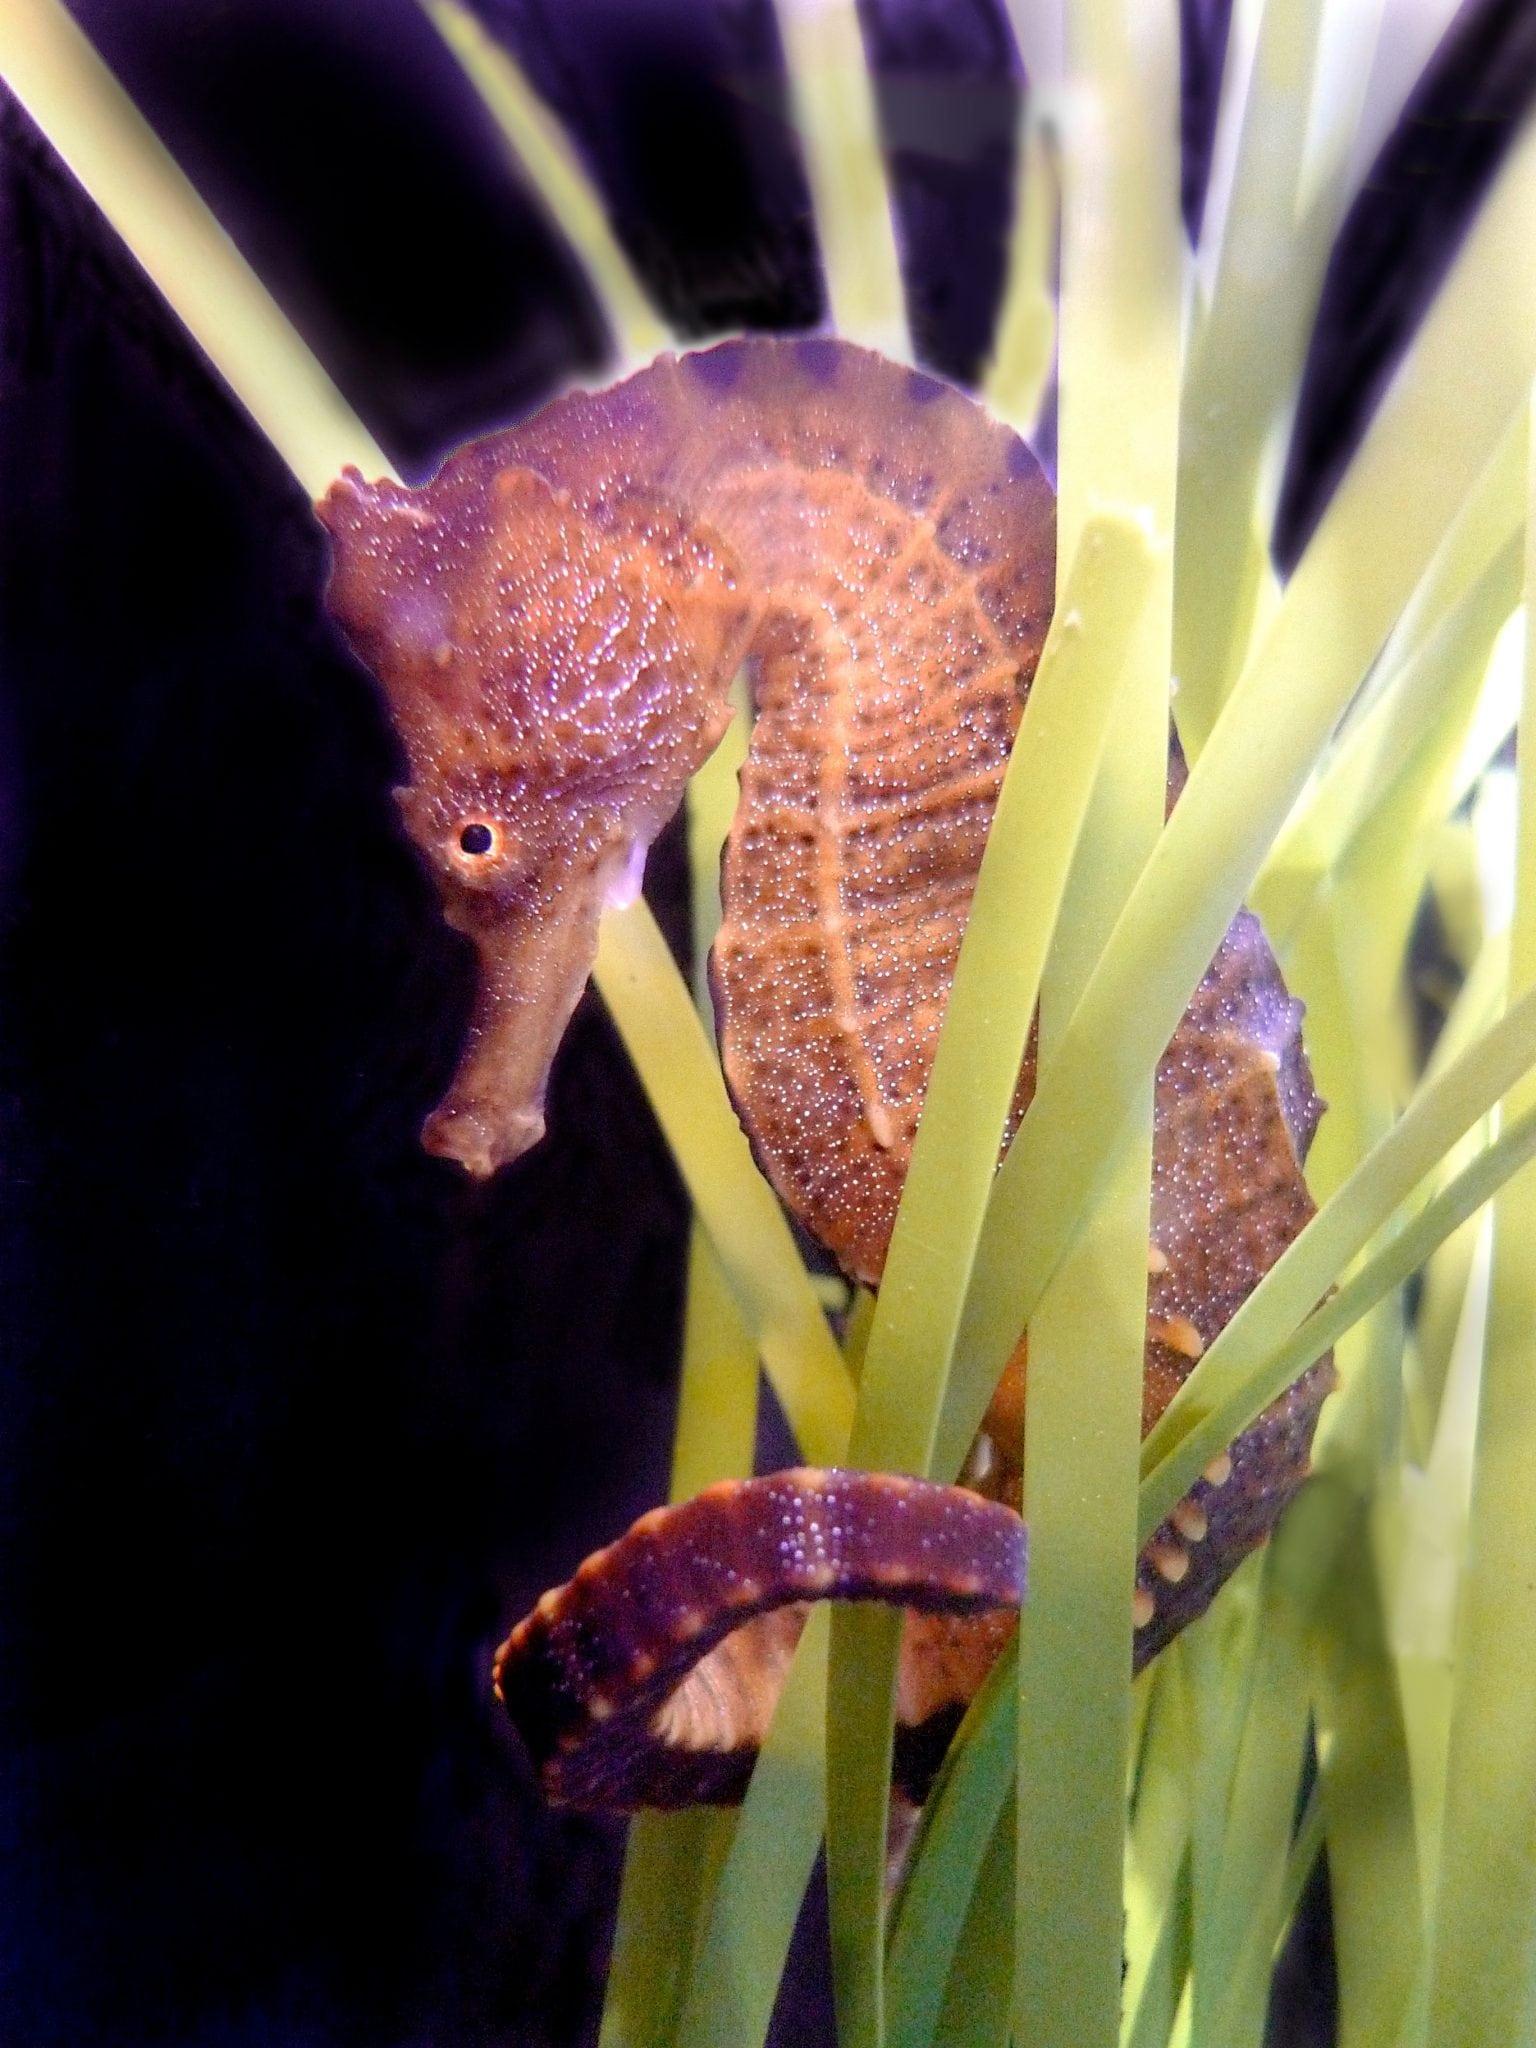 Santa Monica Aquarium's Seahorse Exhibit